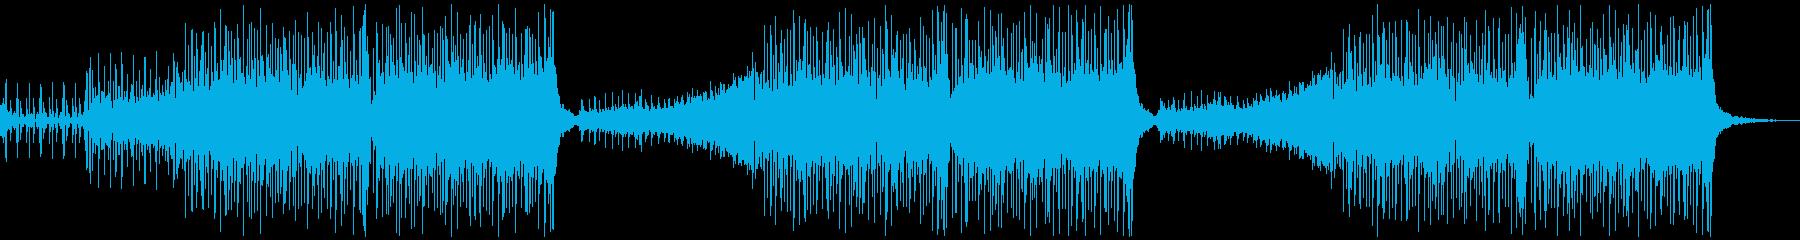 【メロなし】クール/かっこいい洋楽ハウスの再生済みの波形